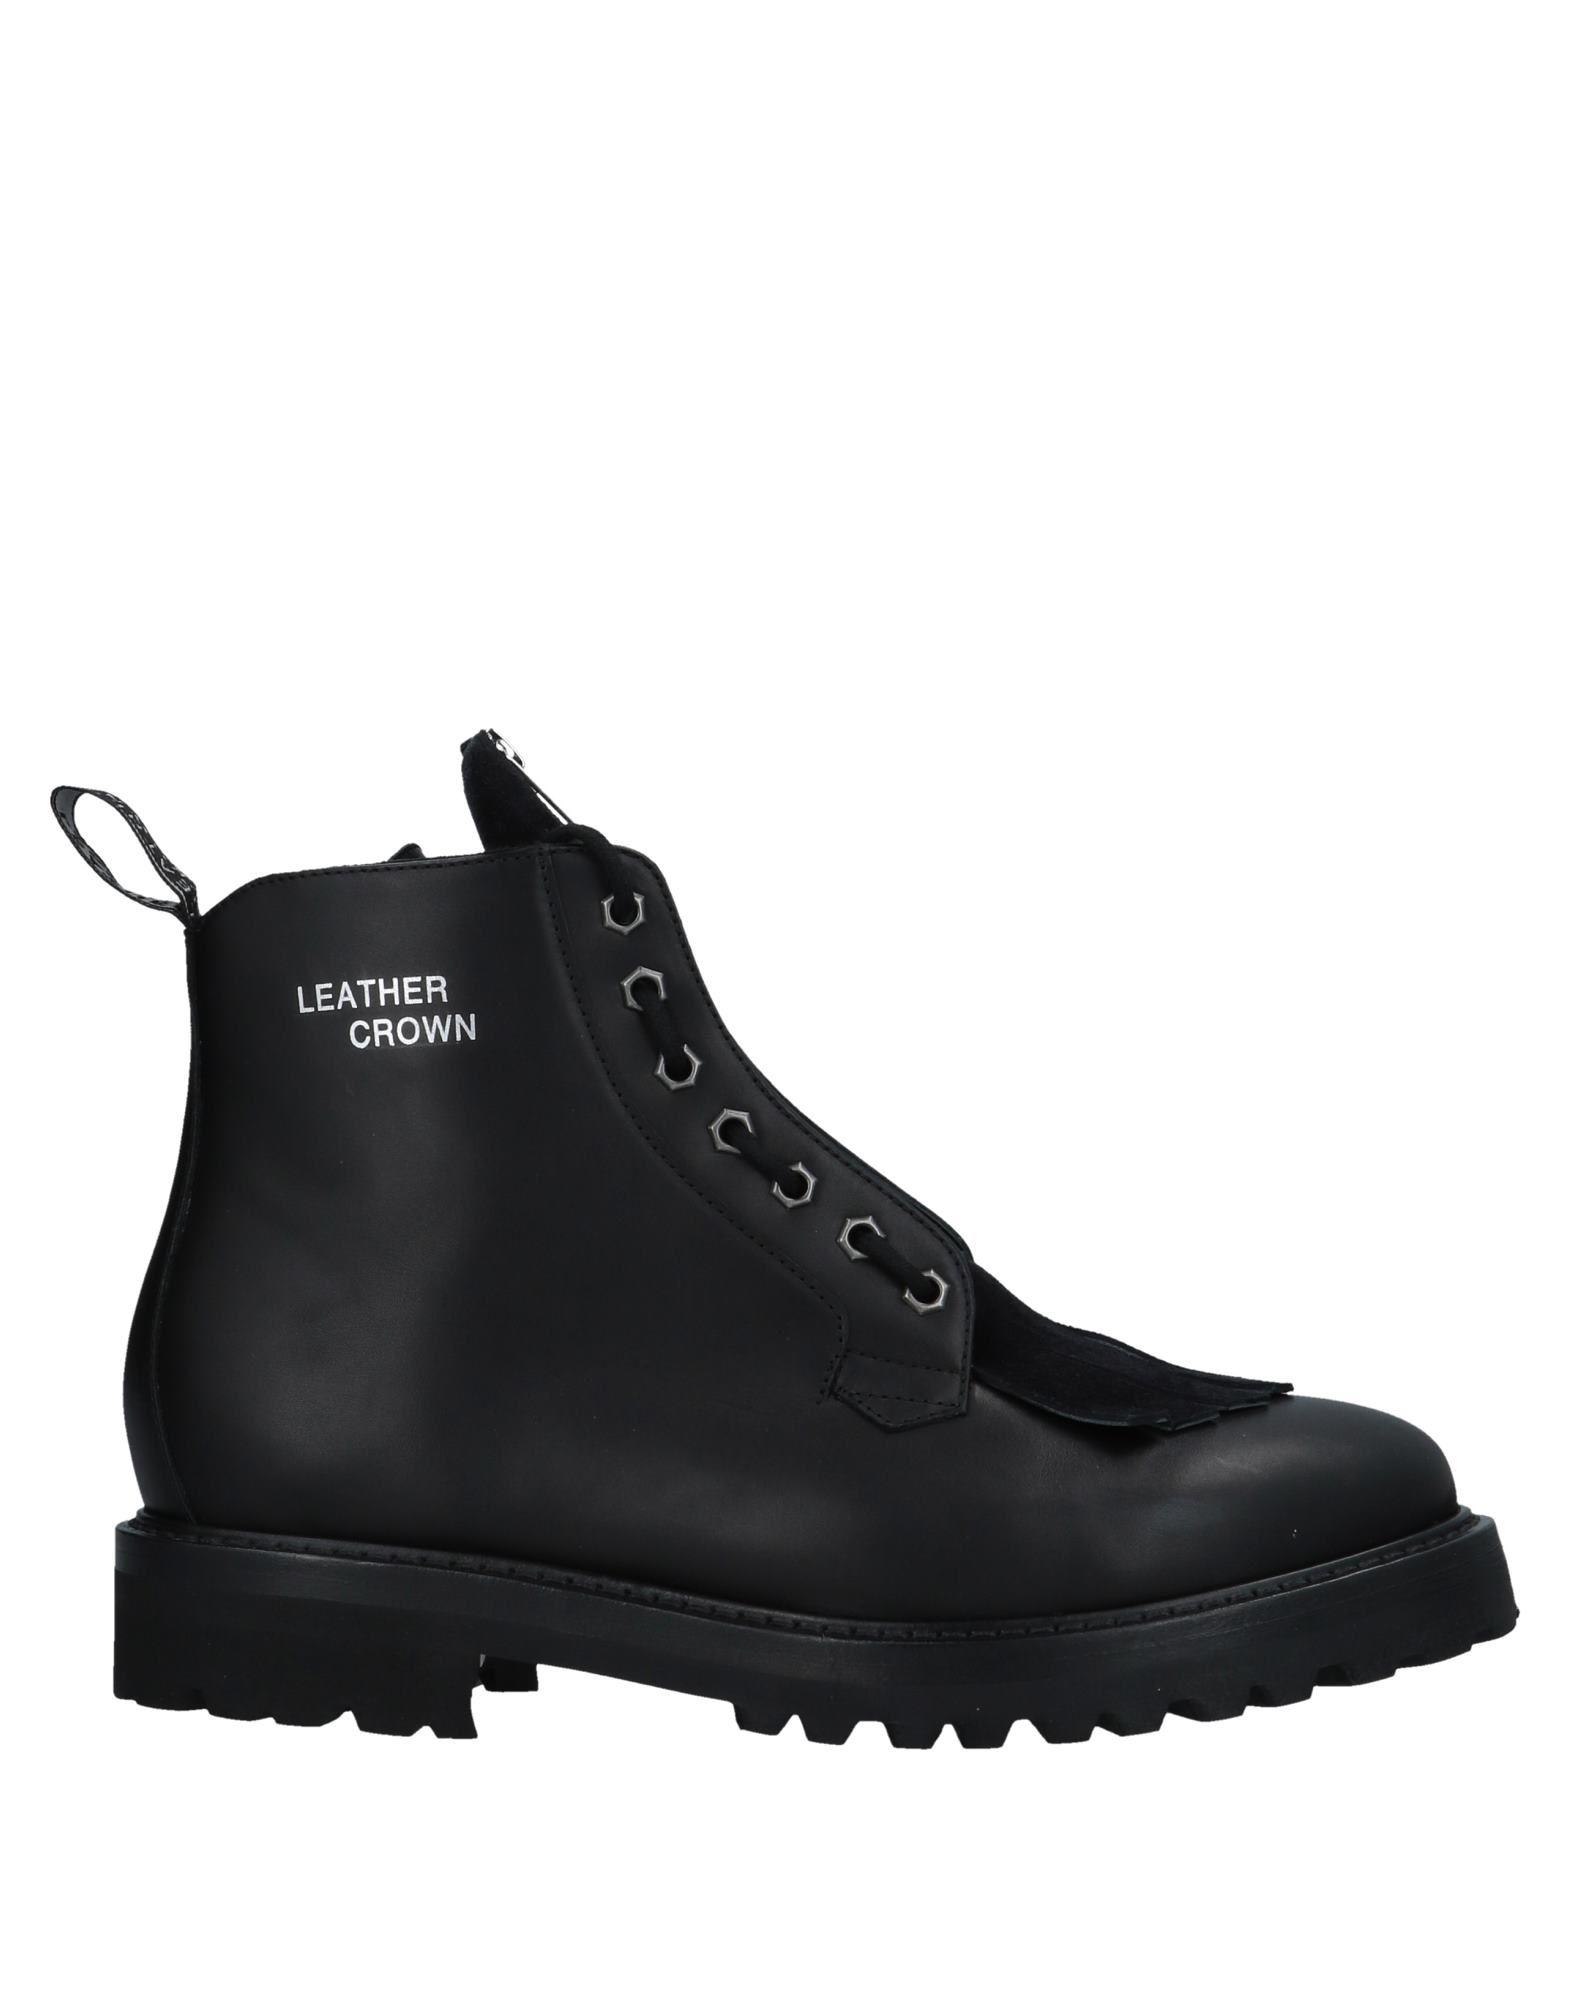 Leather Crown Stiefelette Herren  11536859EM Gute Qualität beliebte Schuhe